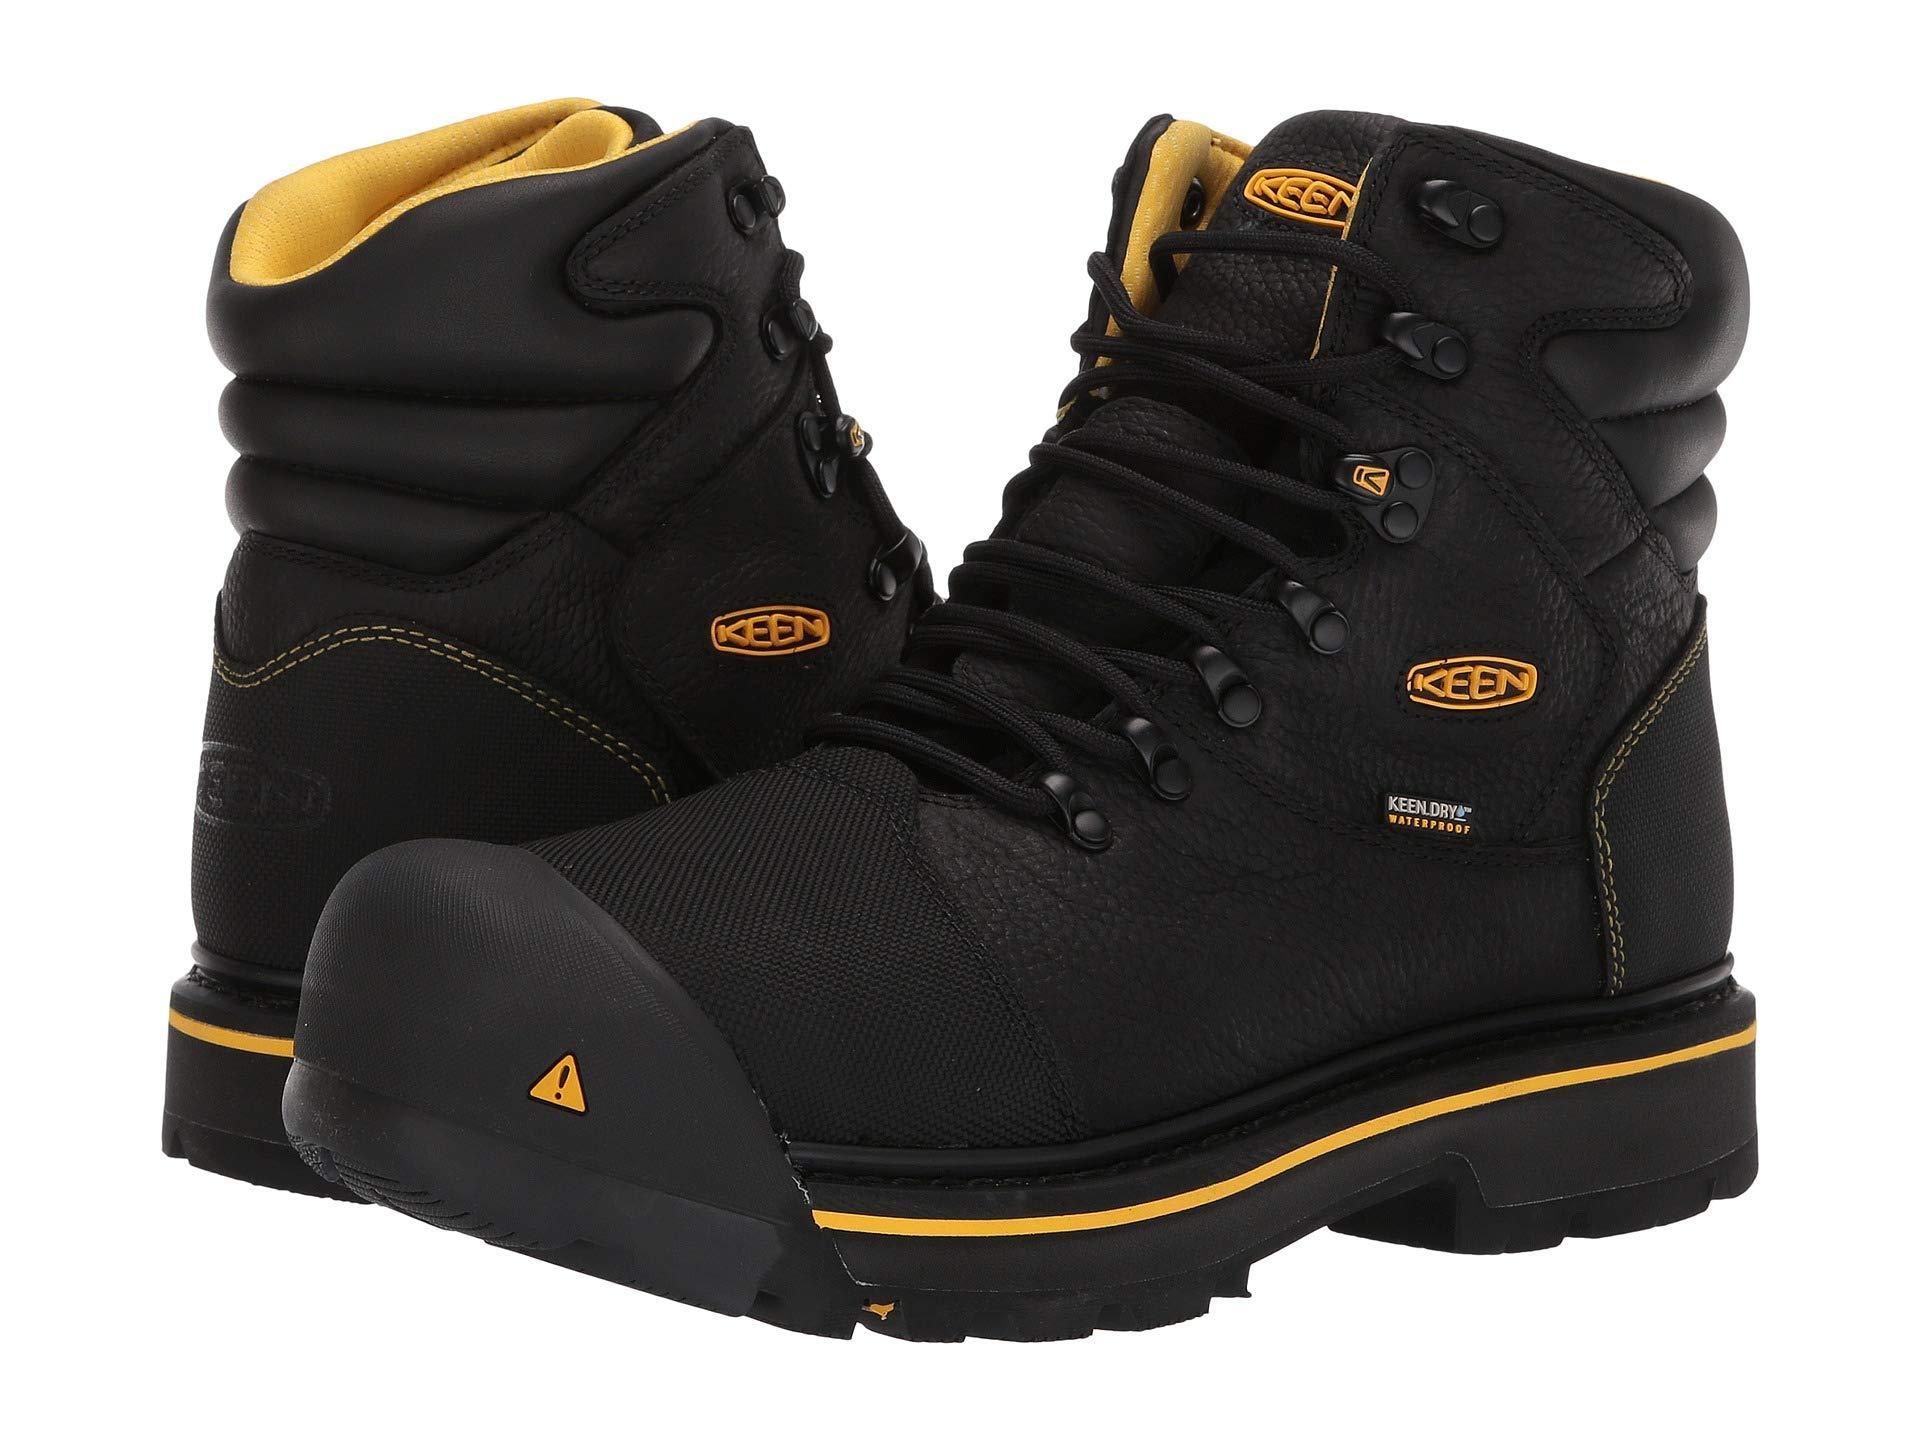 7a0d4ee7045 Lyst - Keen Utility Fort Mac Waterproof in Black for Men